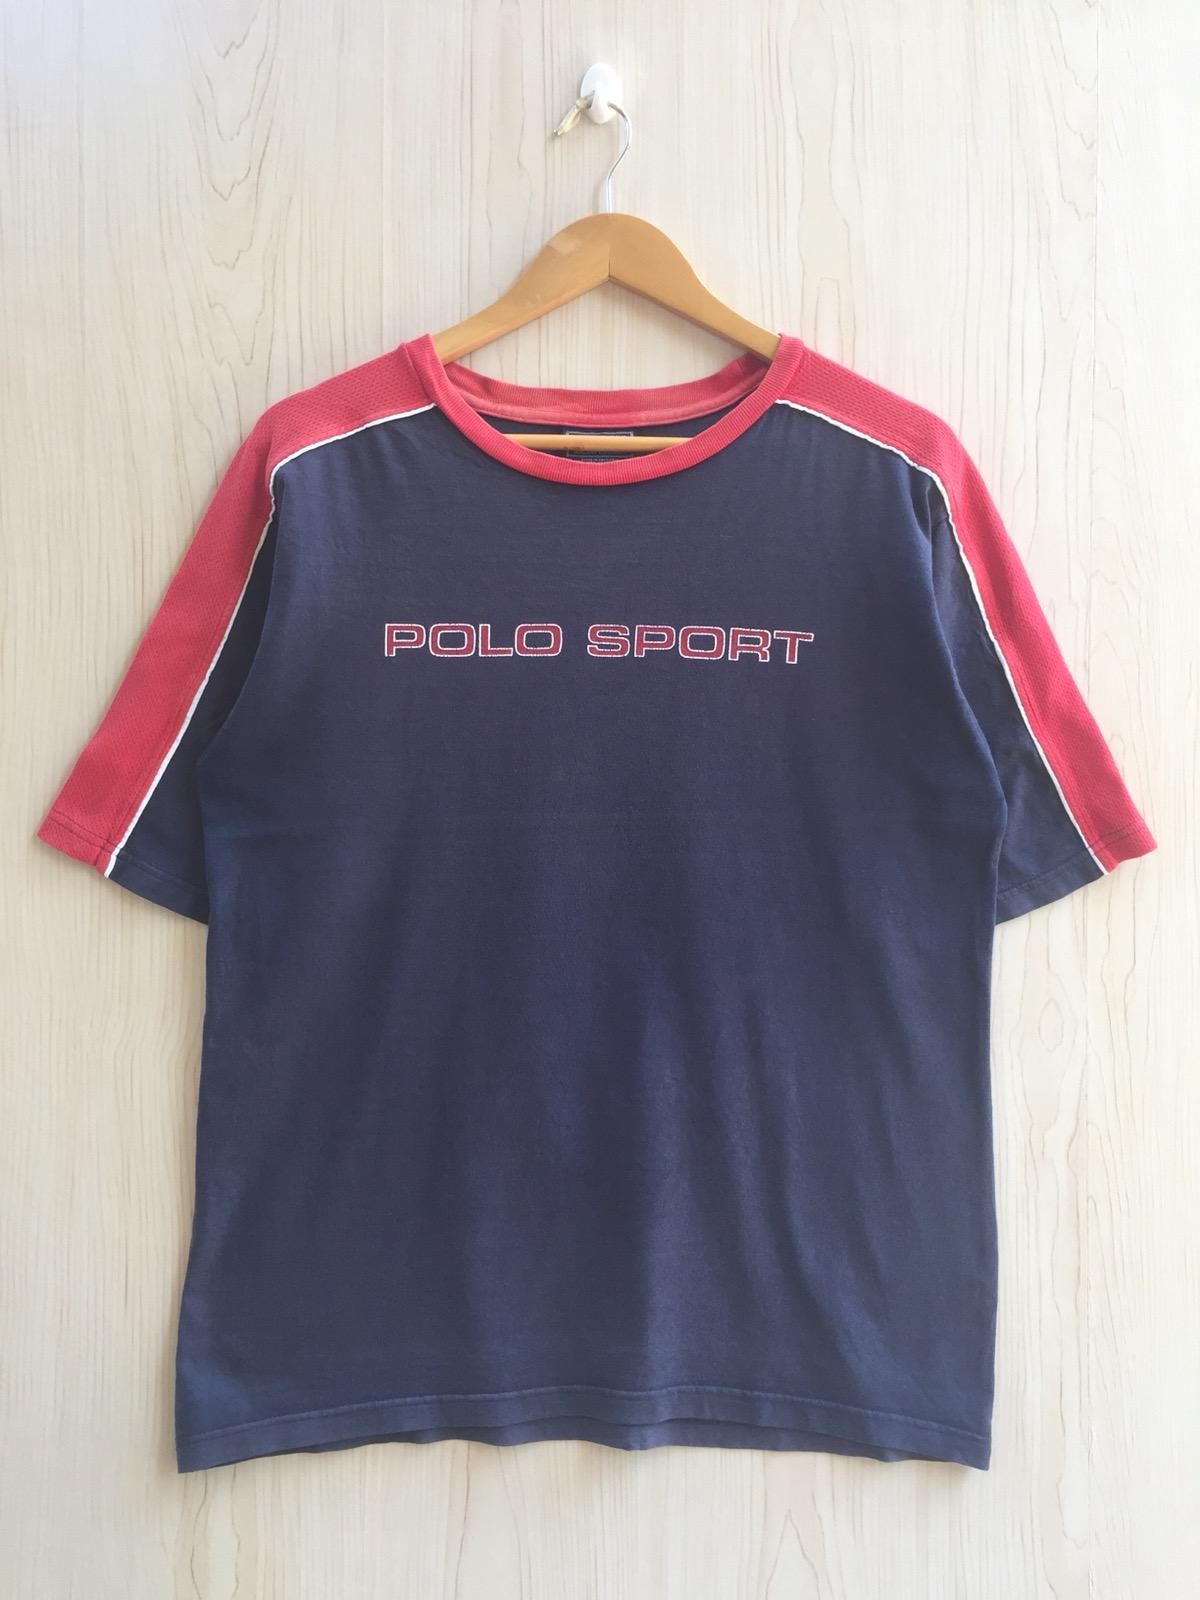 Tshirtgrailed Ralph Sport Vintage Polo Lauren Yv7if6ymbg wkiuTPZOXl